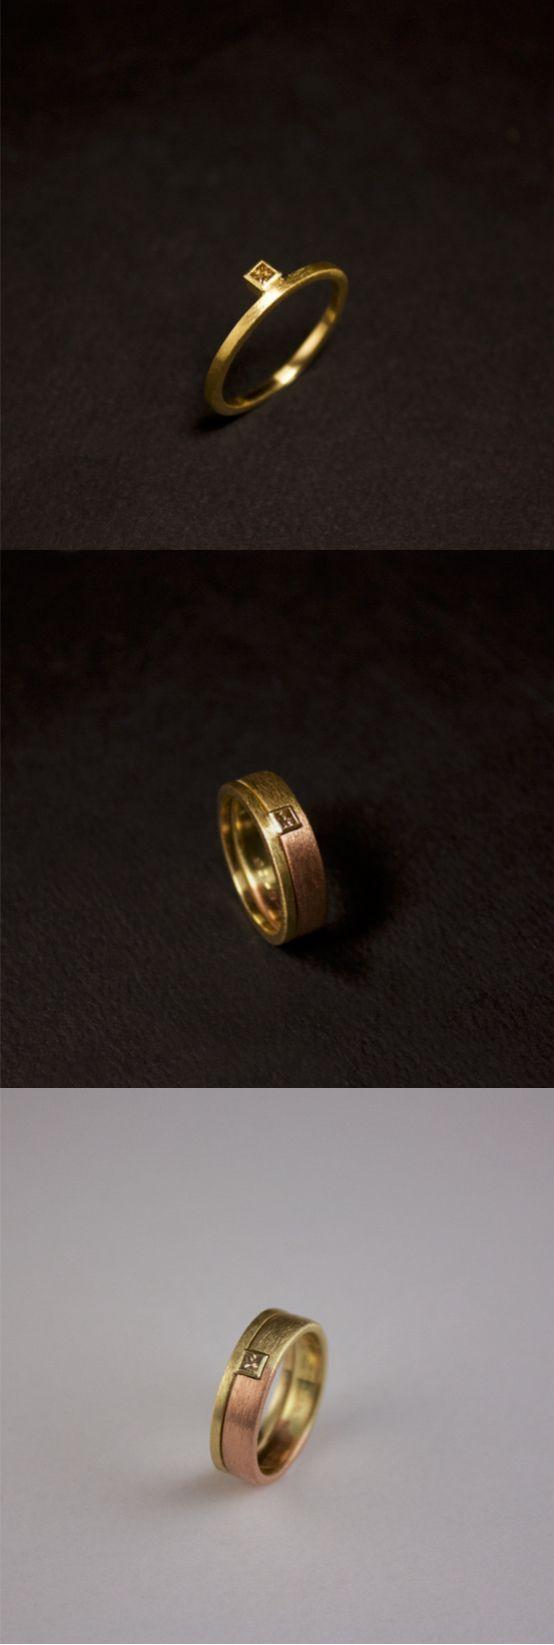 Het eindresultaat van een Gouden damesring met care geslepen champagne diamant, vervaardigd van de Trouwring van vader. Haar bestaande eigen Trouwring heb ik vermaakt zodat de ring er mooi inpast. Deze is dus niet vast gesoldeerd, maar ook los te dragen. #goudsmidmetpassie #omdatikjemis #herinneringen #herdenkingssieraden